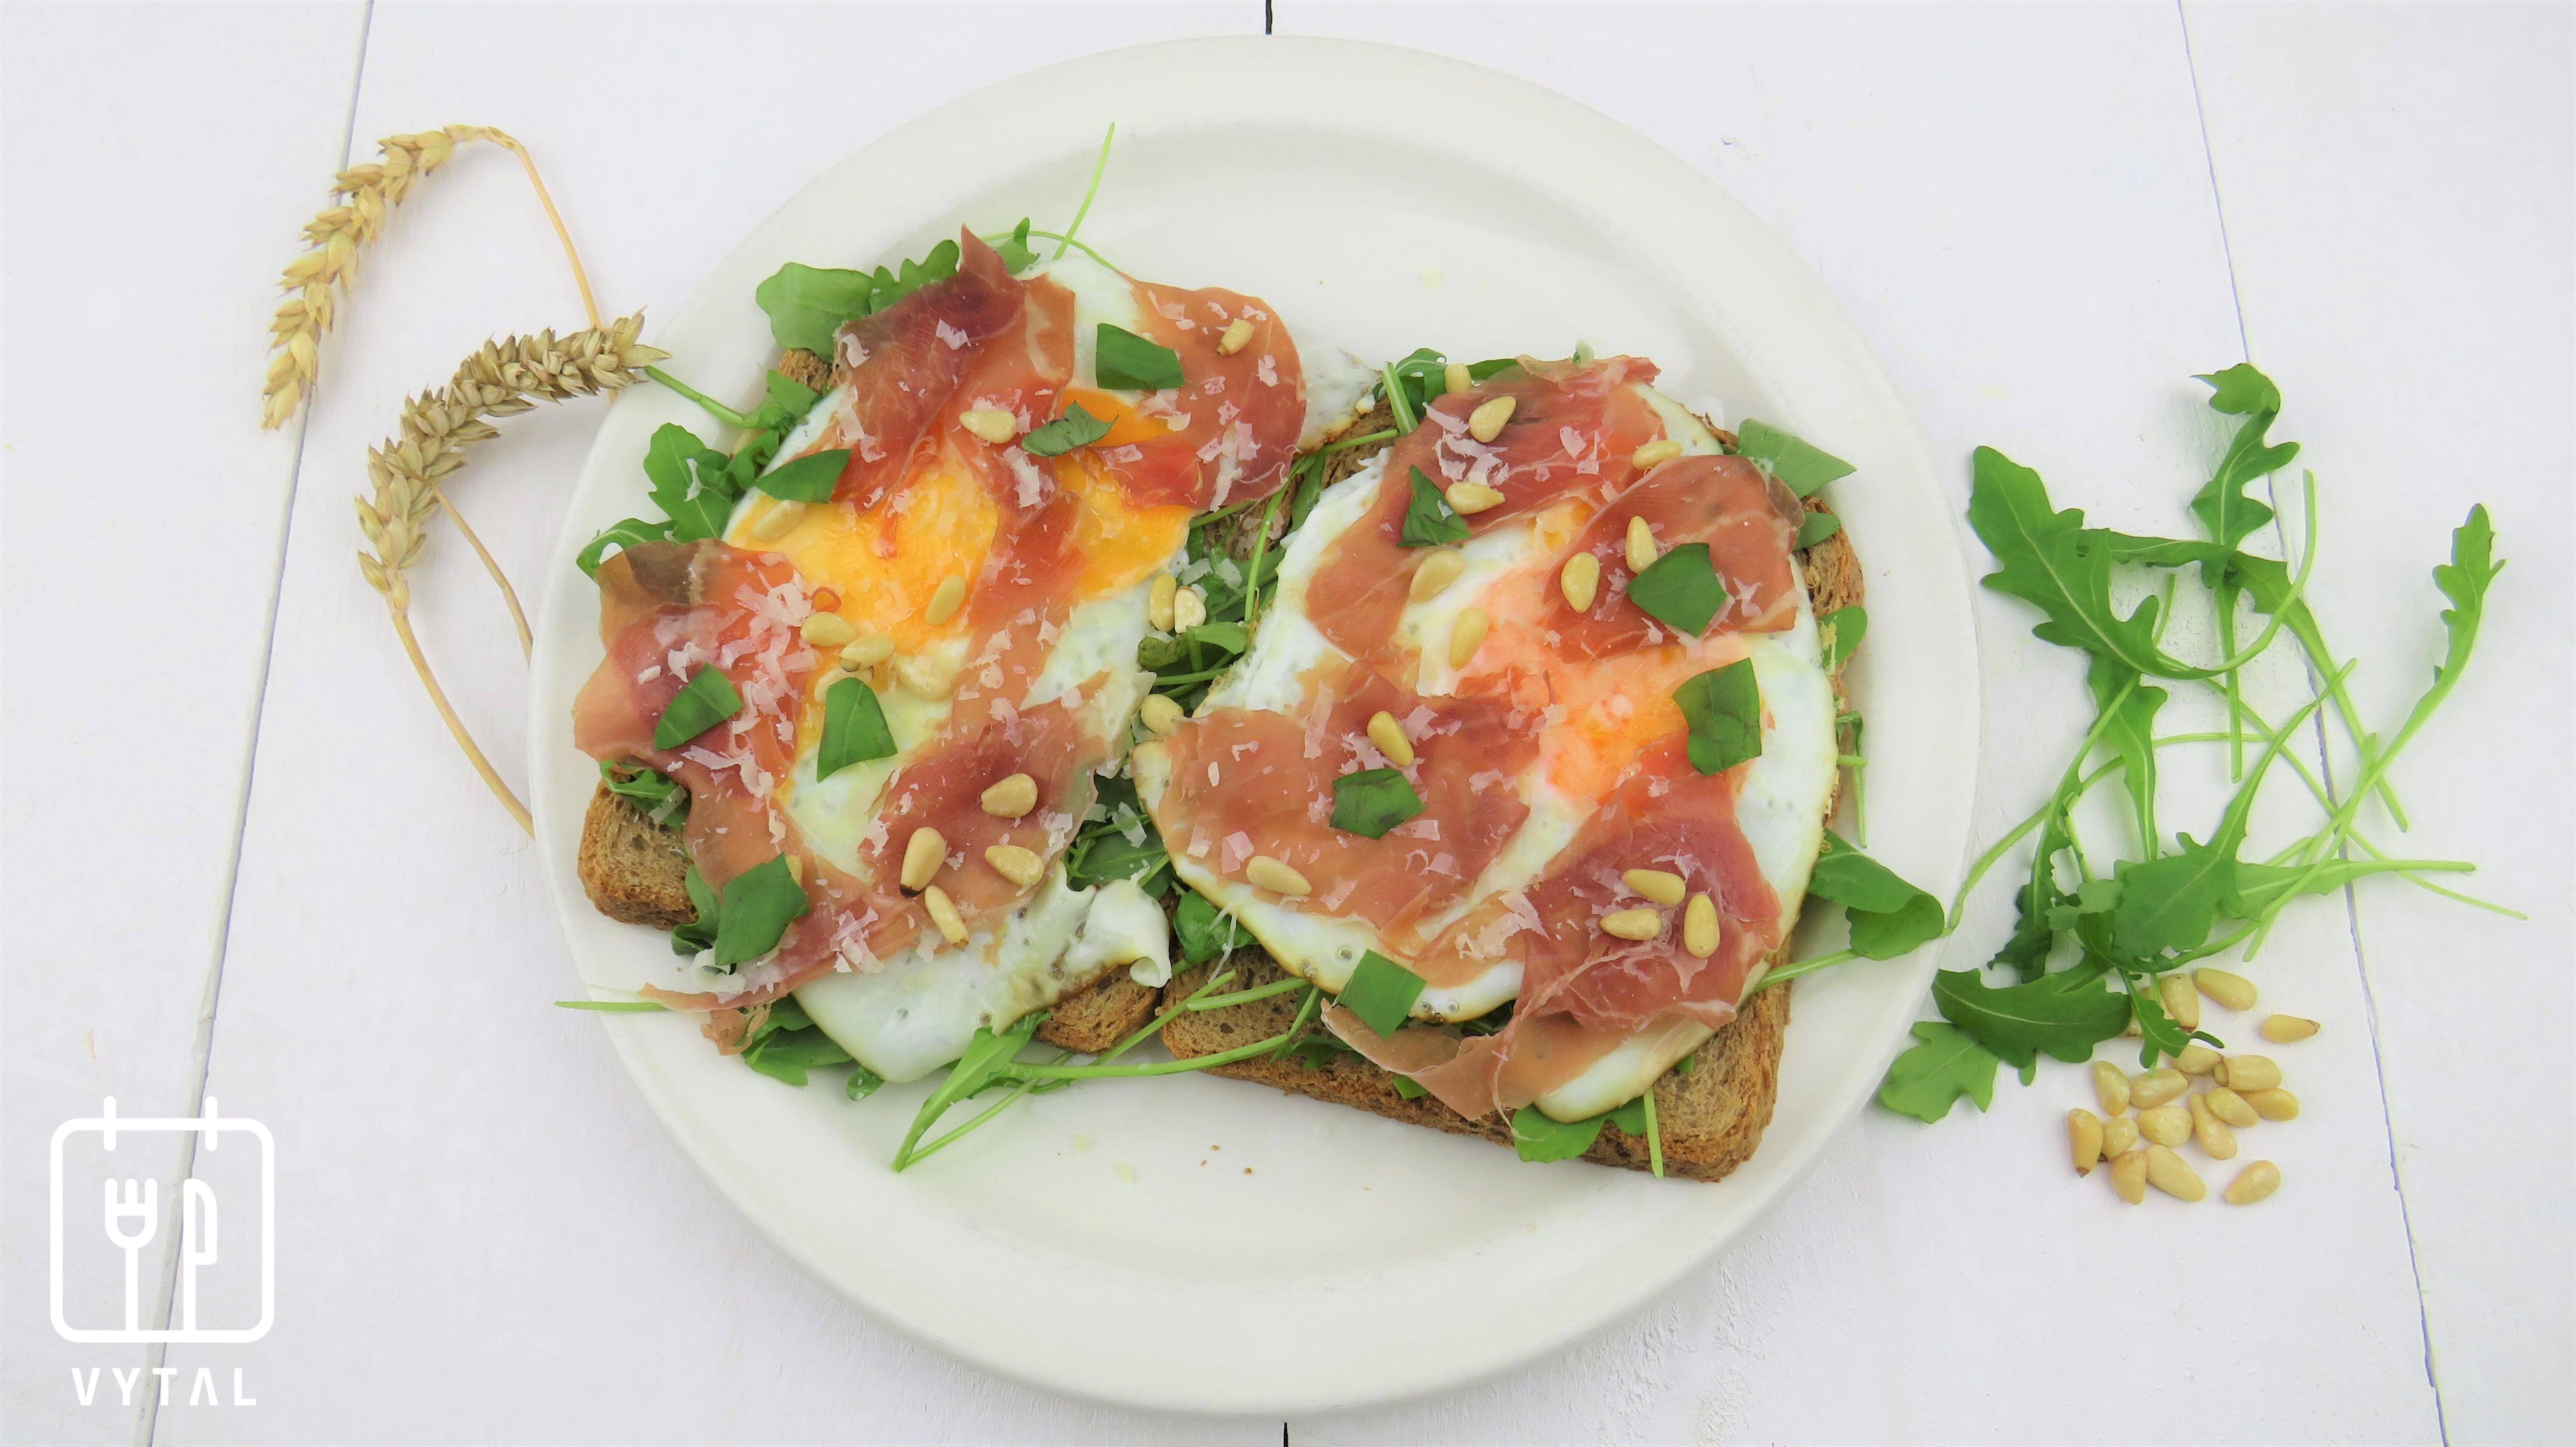 VYTAL recepten: Volkorenbrood met gebakken ei en rauwe ham